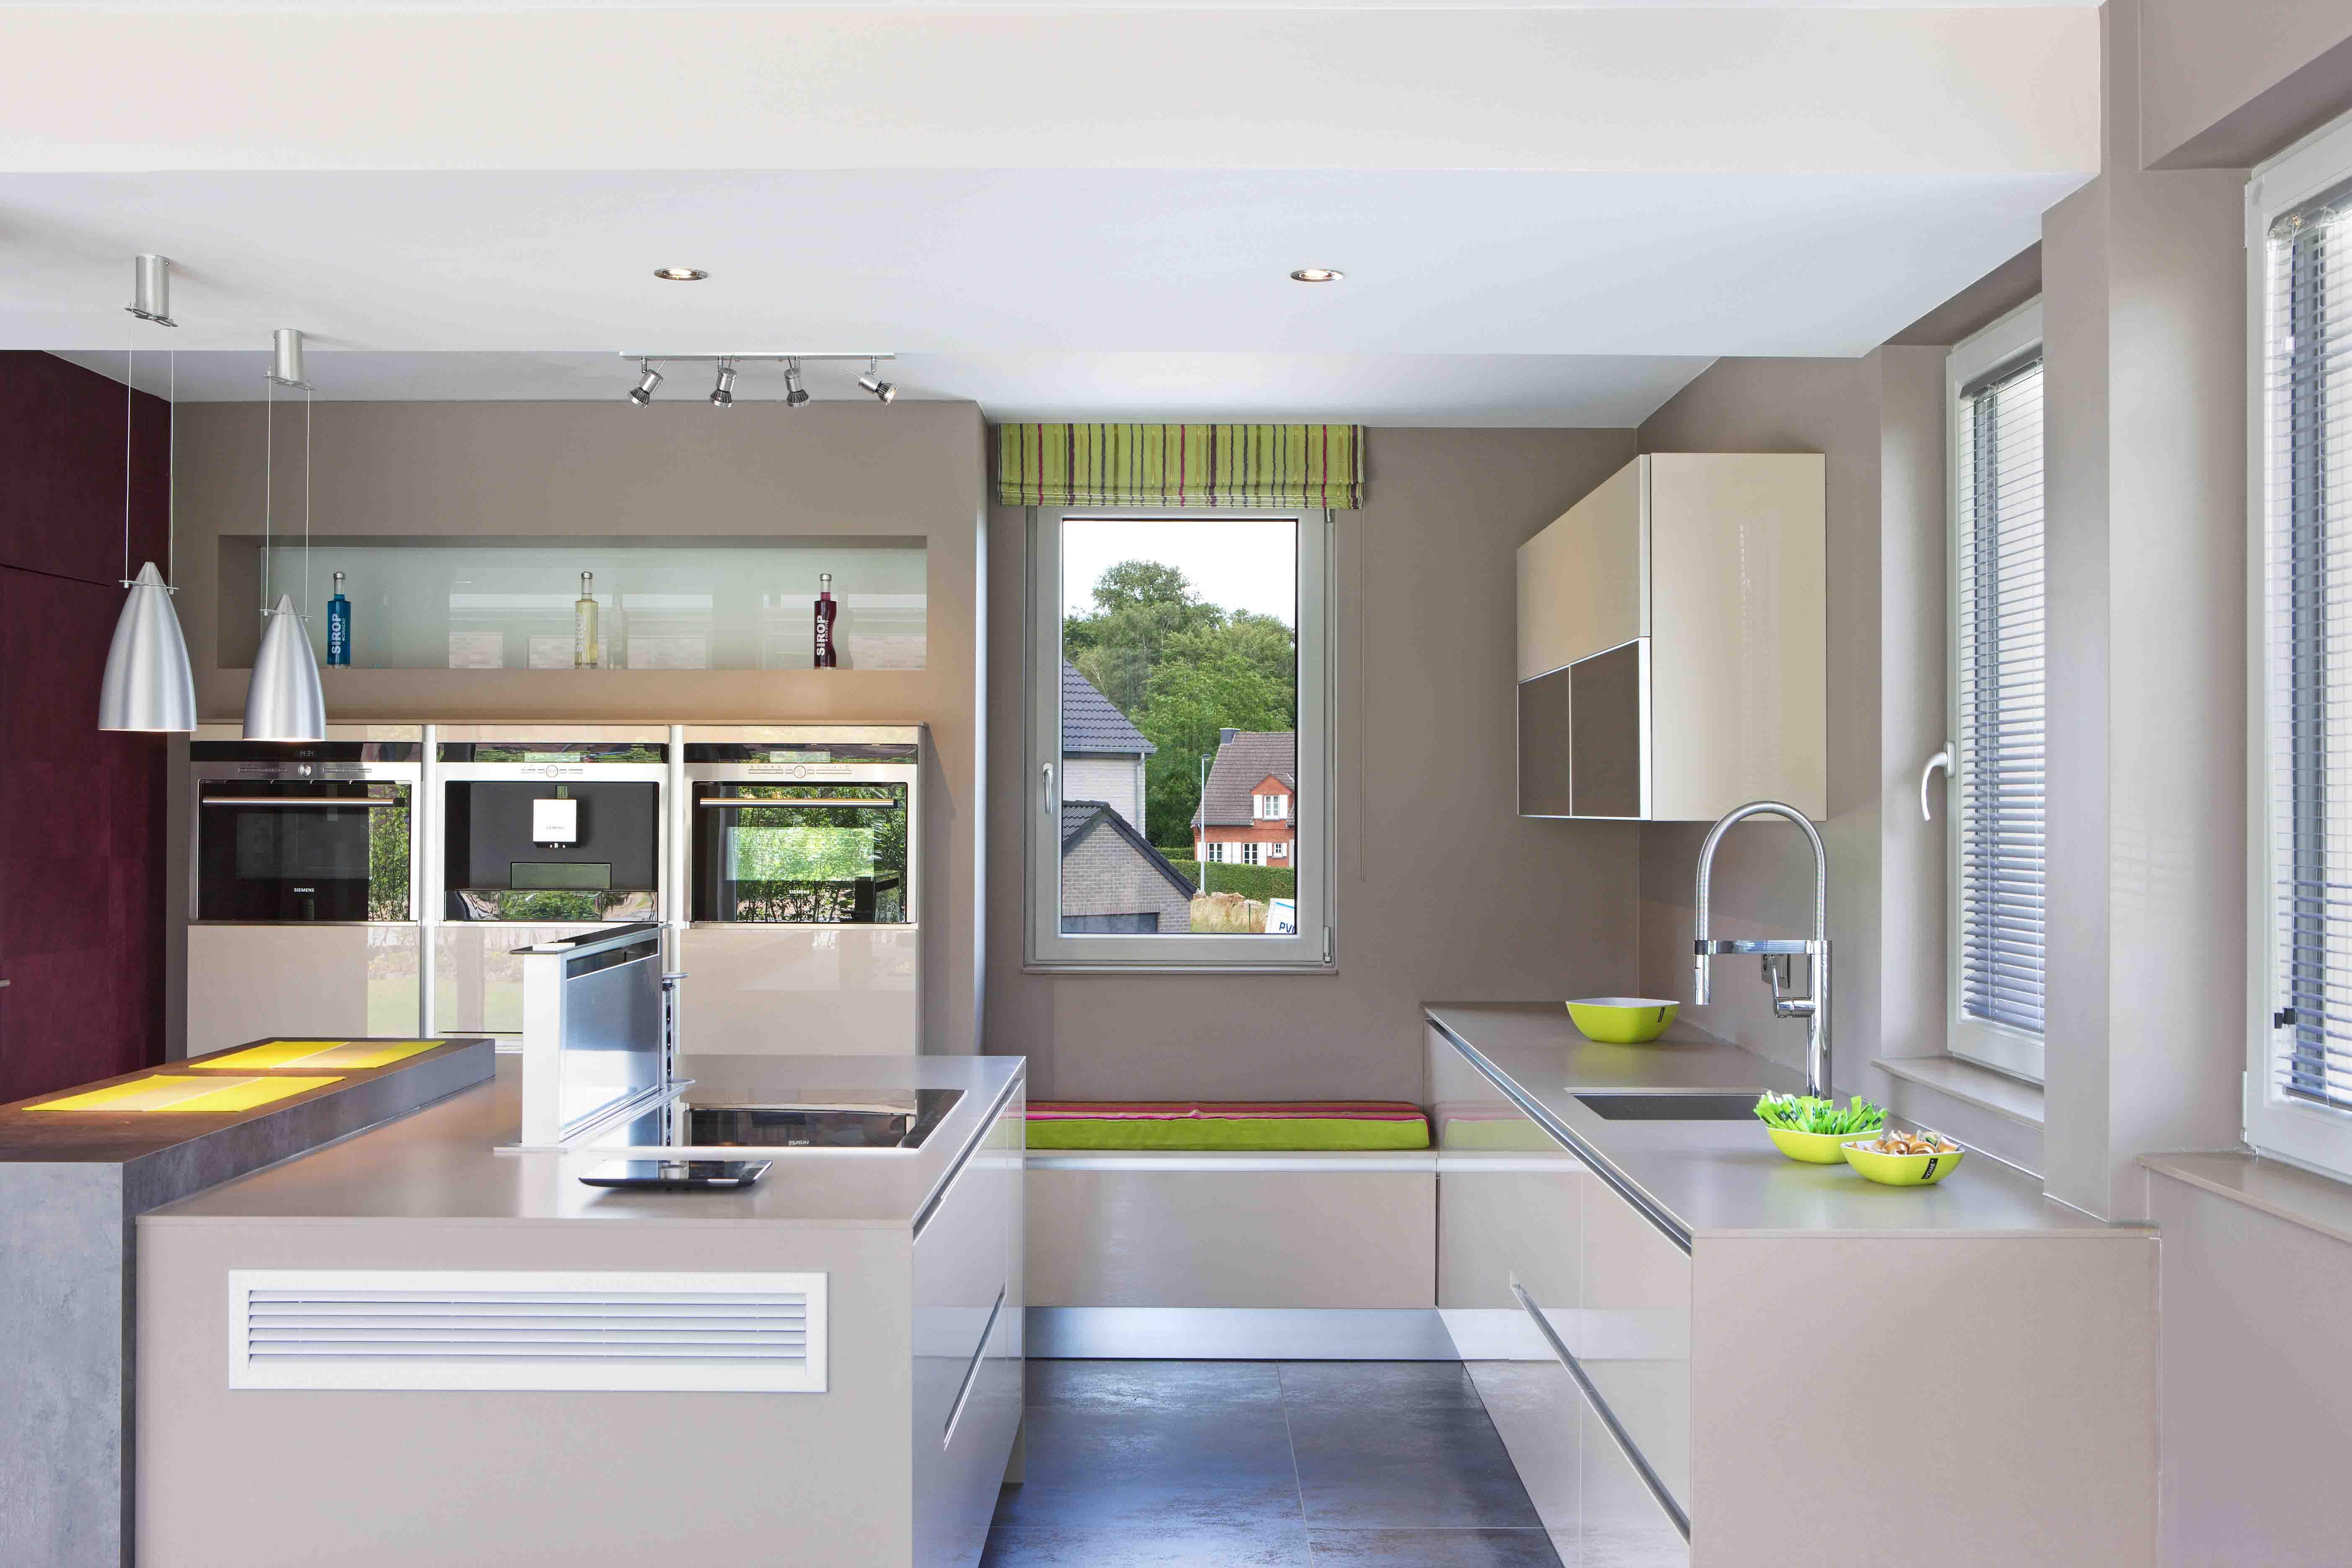 maison zero energie cle sur porte tpalm 72 t palm. Black Bedroom Furniture Sets. Home Design Ideas